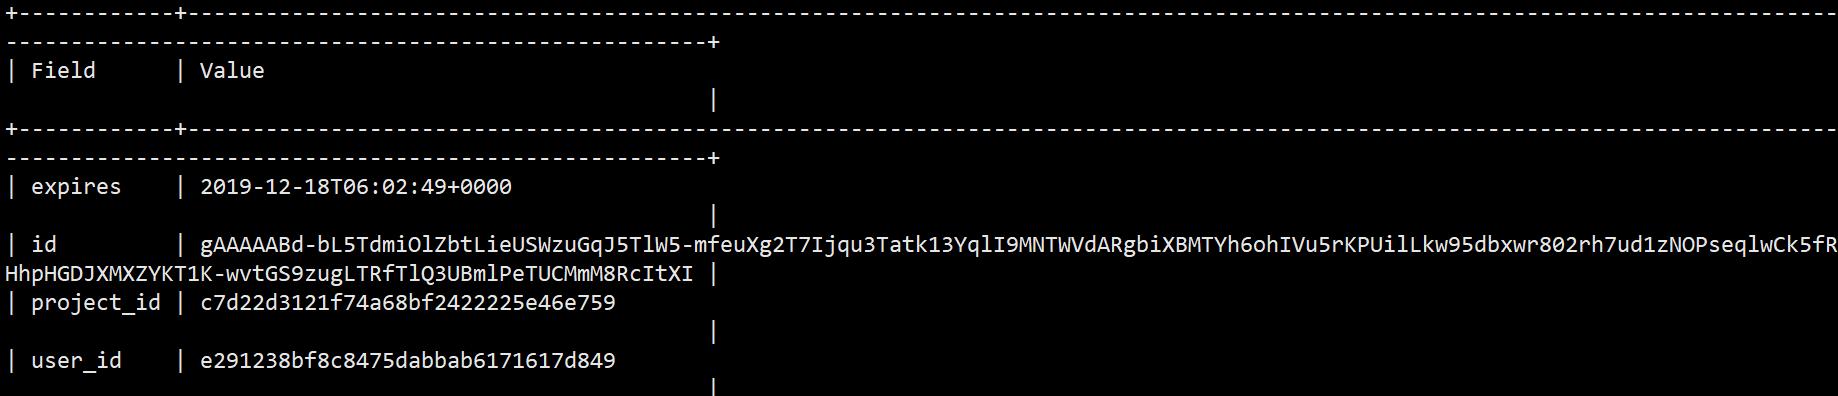 搭建Openstack开源云计算平台插图92